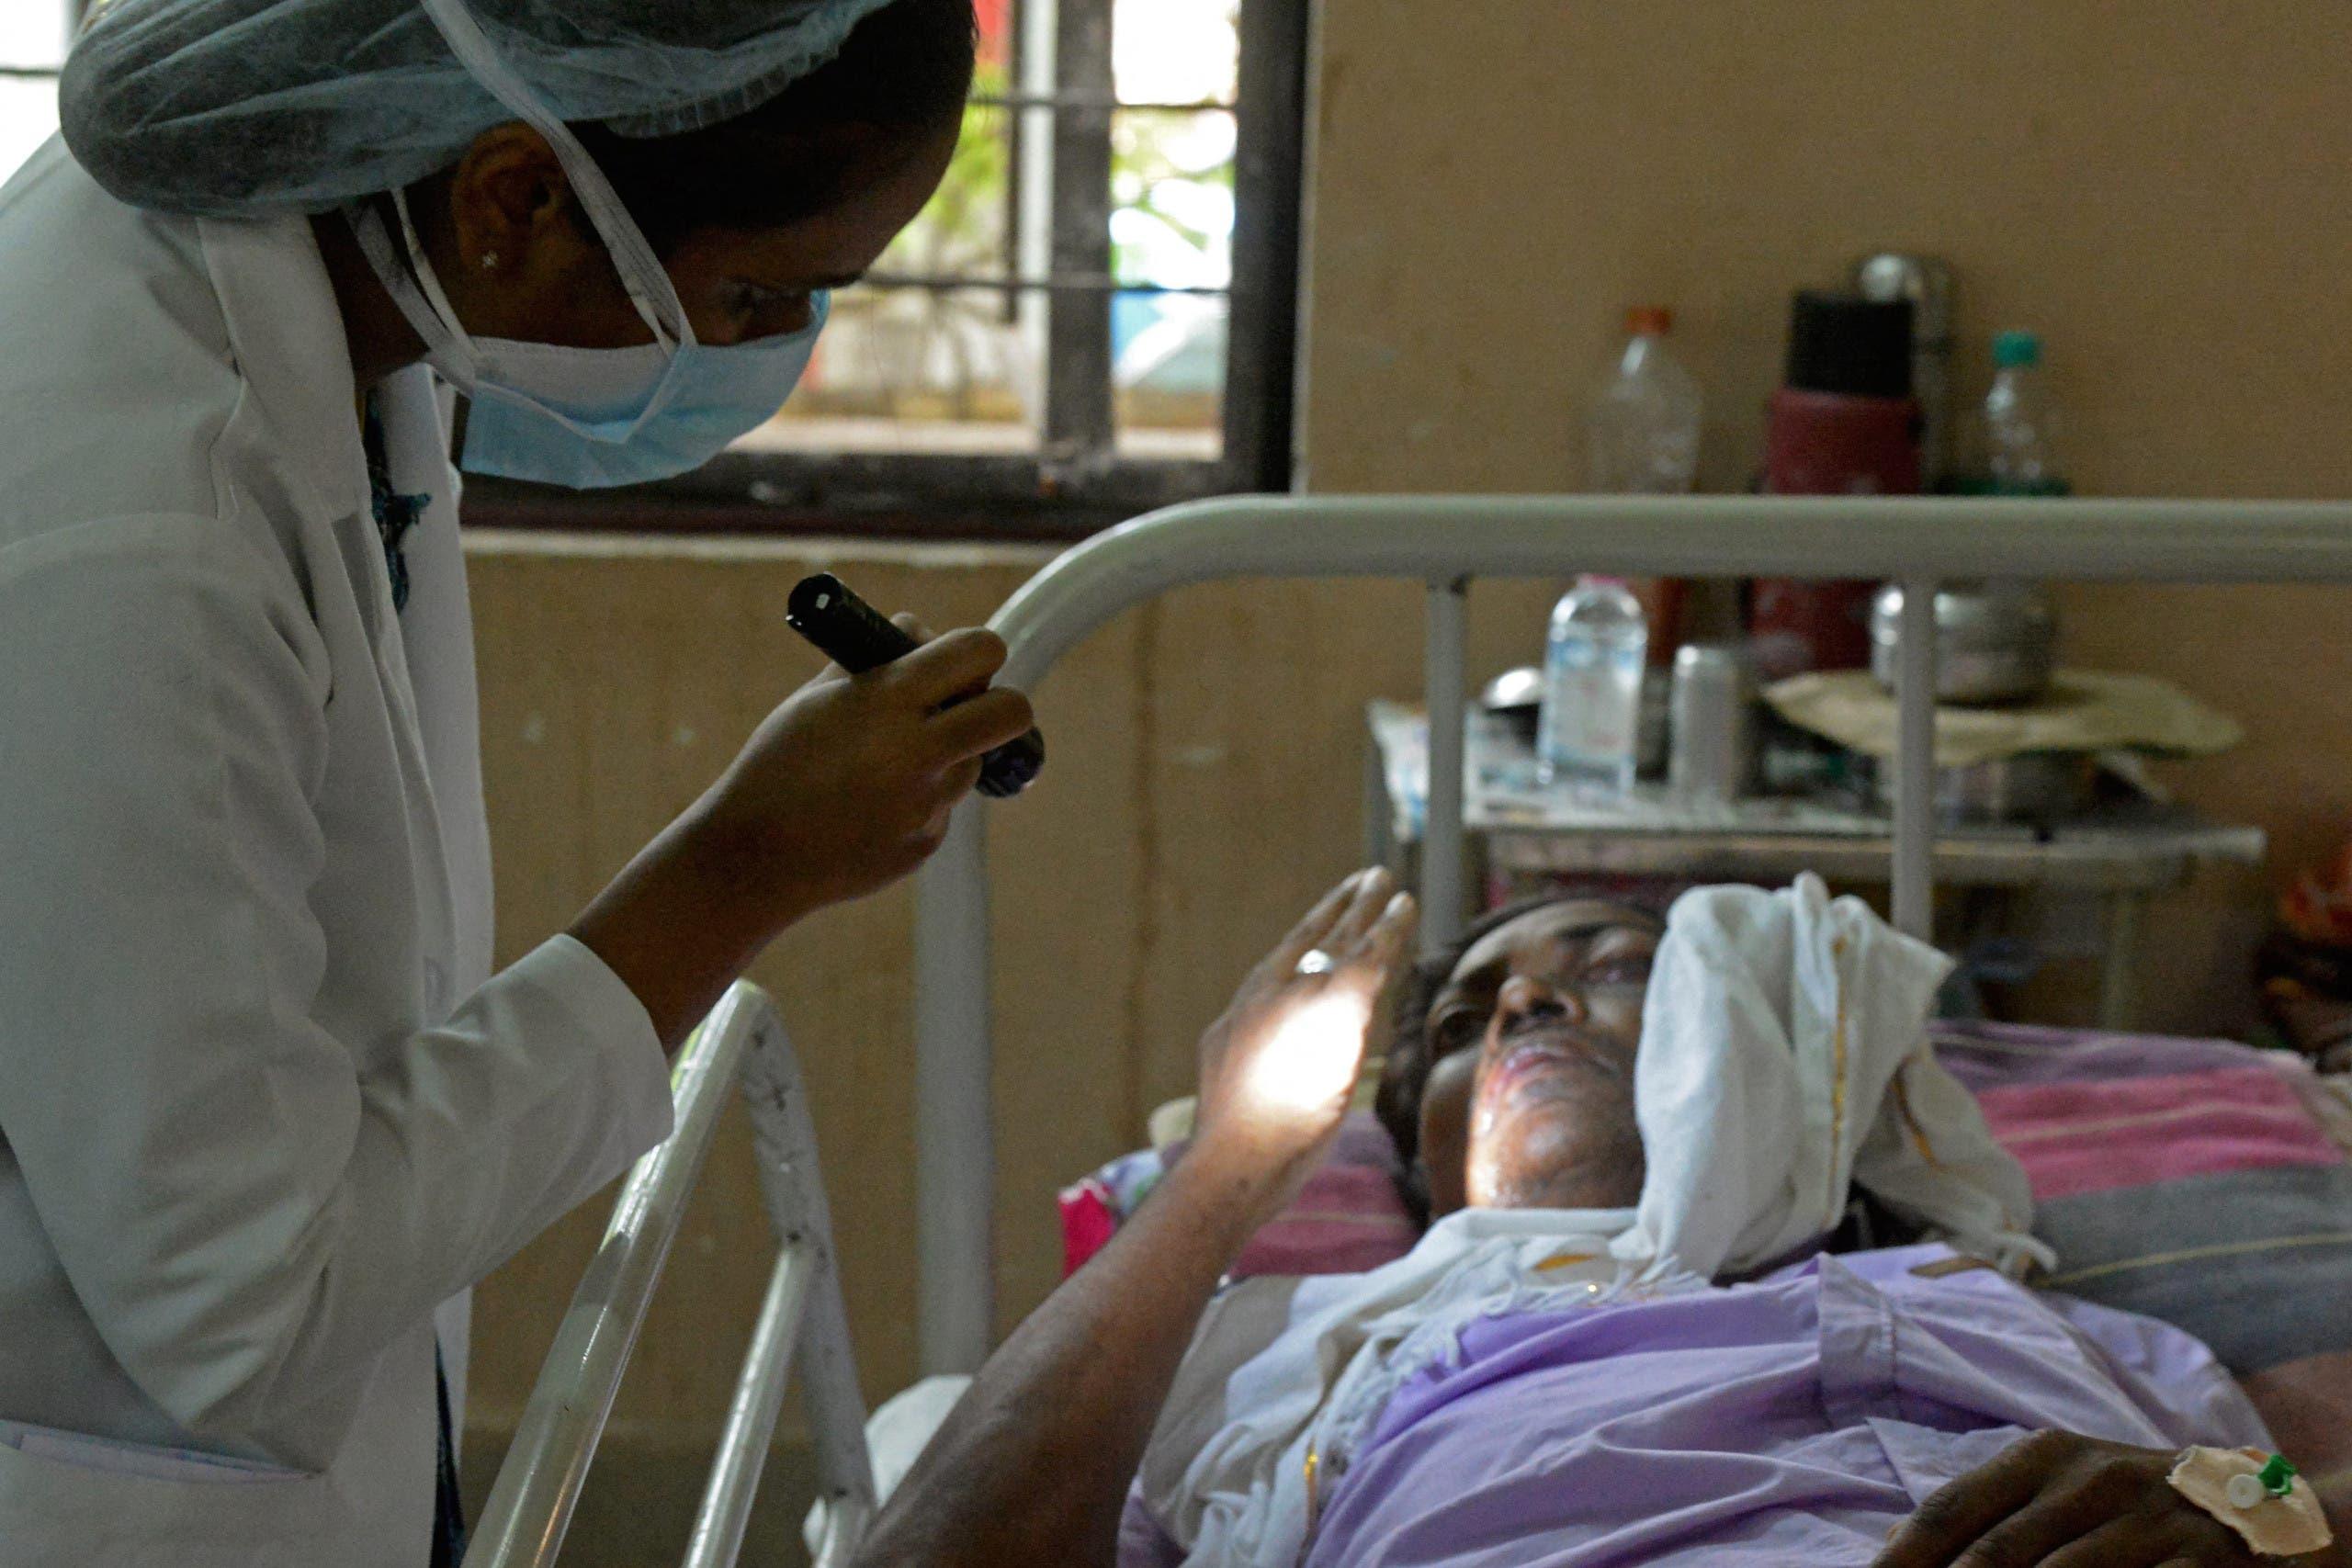 طبيبة في مستشفى في حيدر أباد تعاون سيدة تعافت من كورونا لكنها مصابة بالفطر الأسود